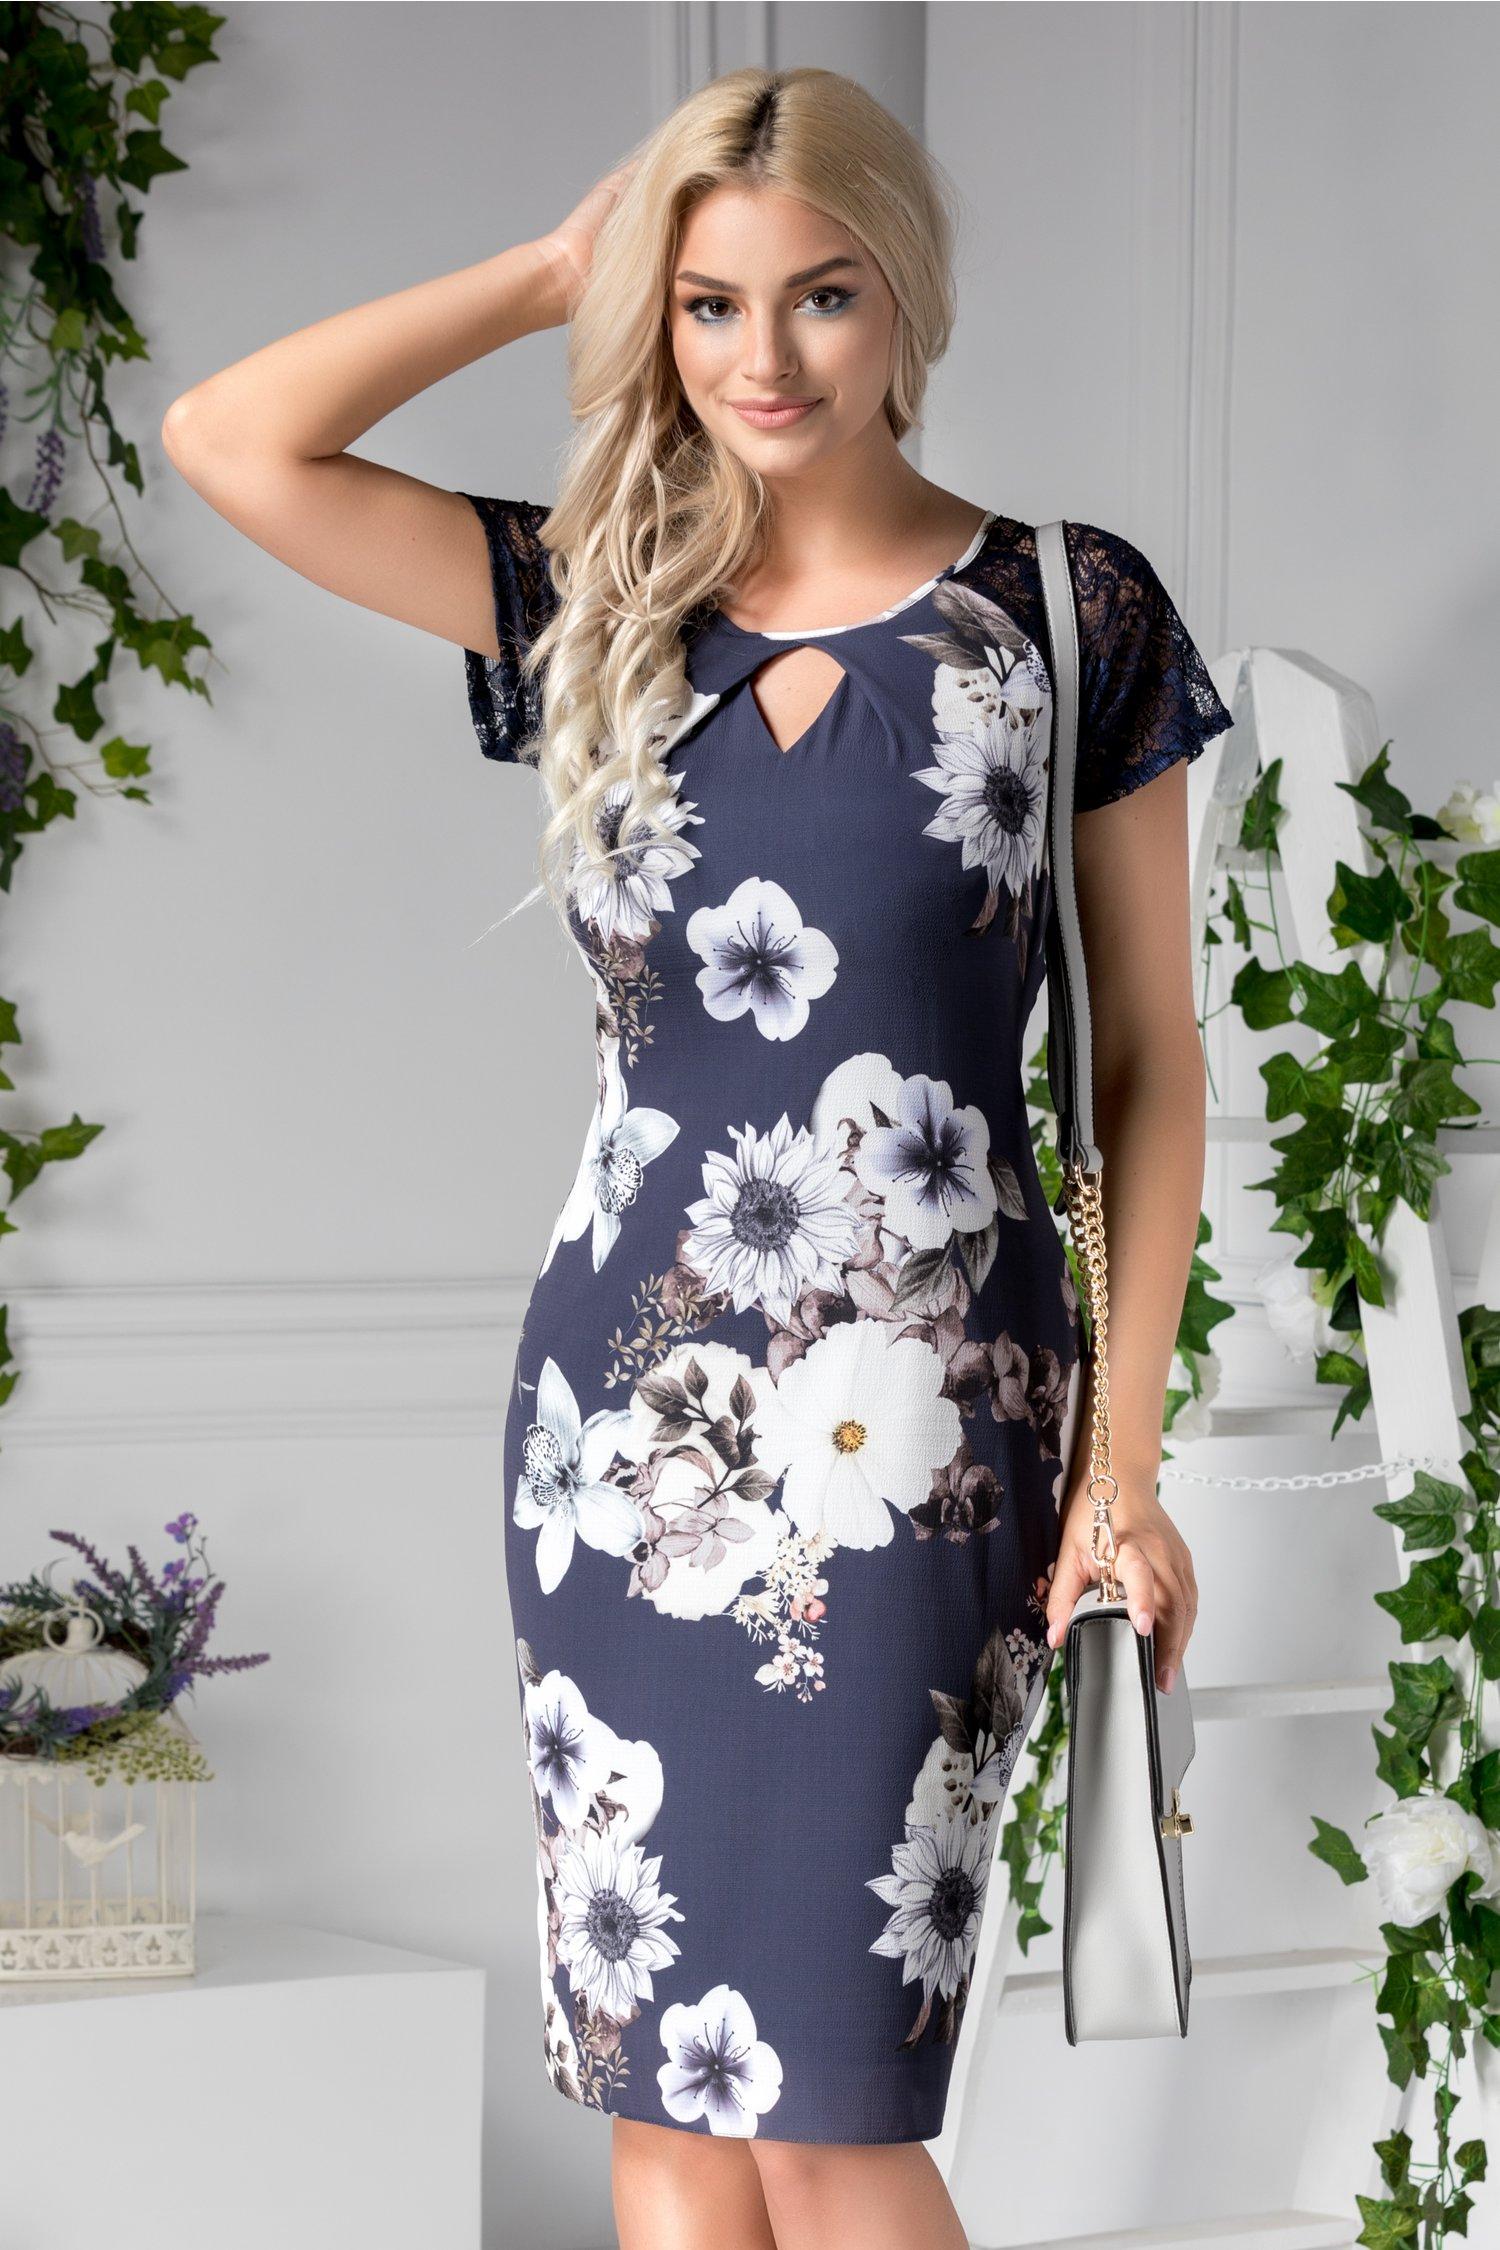 Rochie Asinette midi bleumarin cu flori albe mari